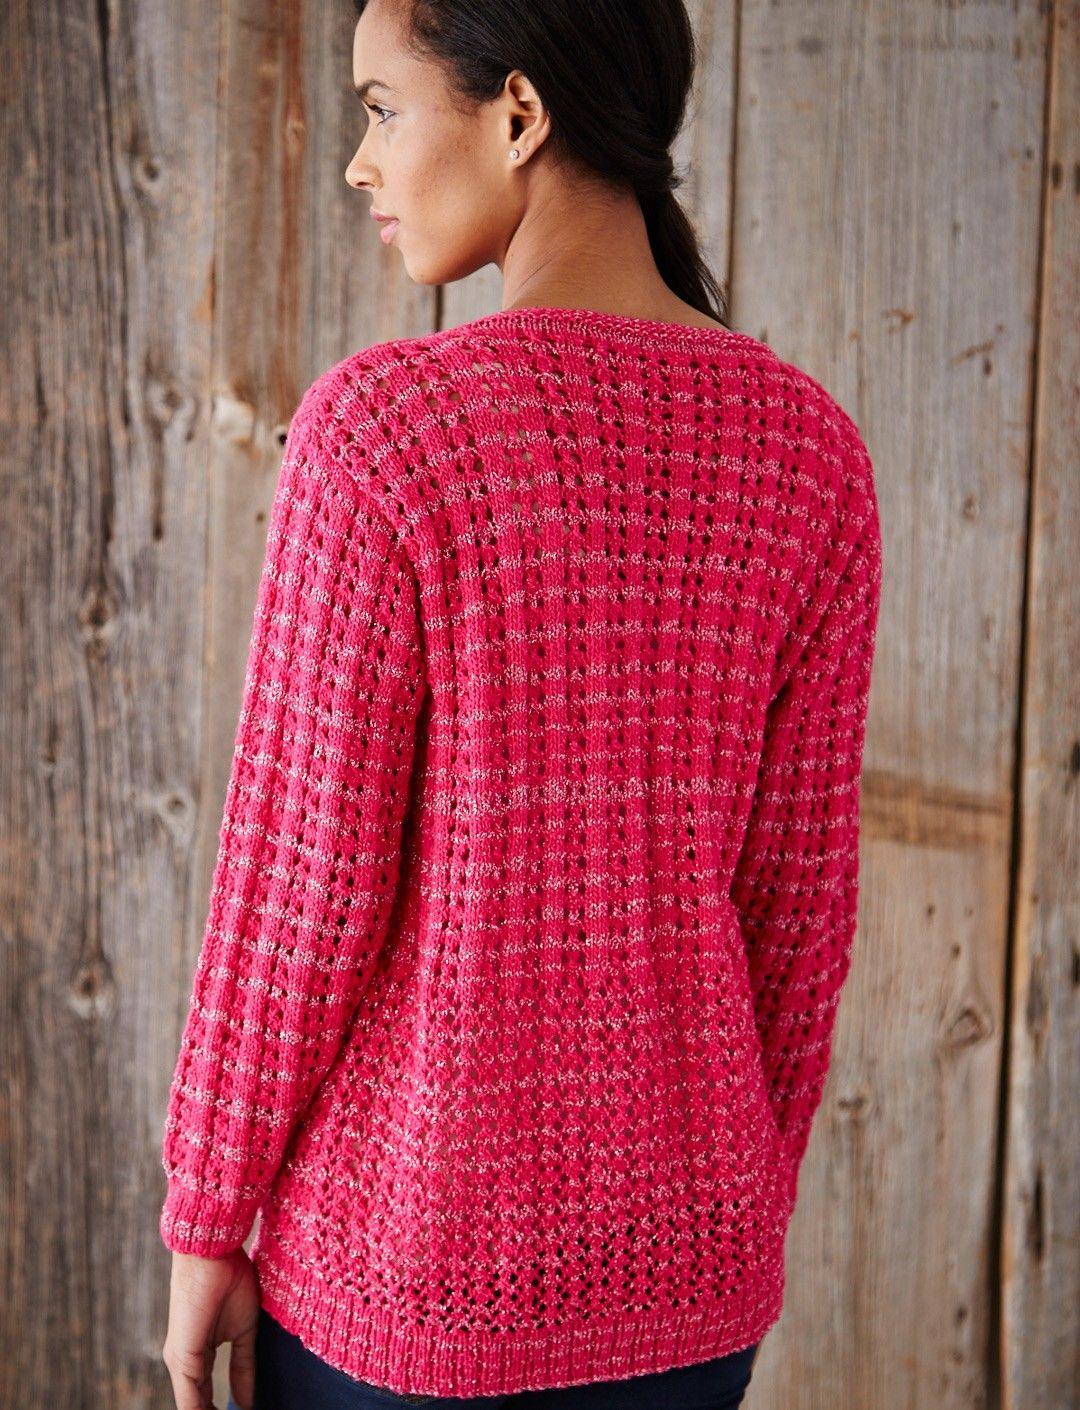 Patons mixed stitch cardigan free knitting pattern to download patons mixed stitch cardigan free knitting pattern to download yarnspirations bankloansurffo Gallery